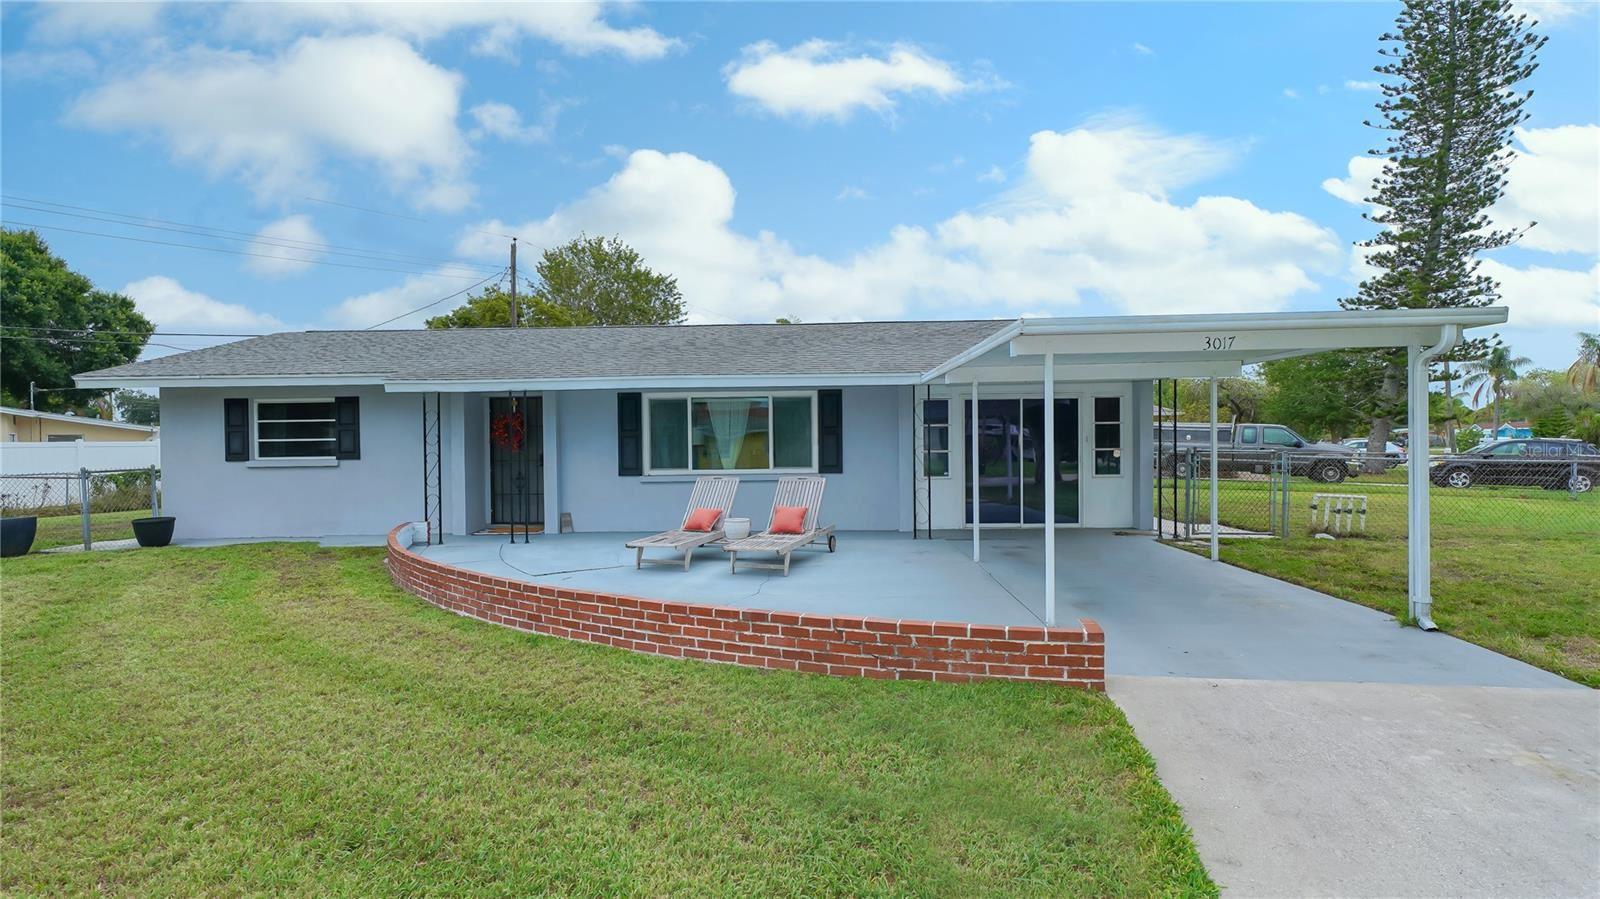 3017 LAKE RIDGE DRIVE, Sarasota, FL 34237 - #: A4504034